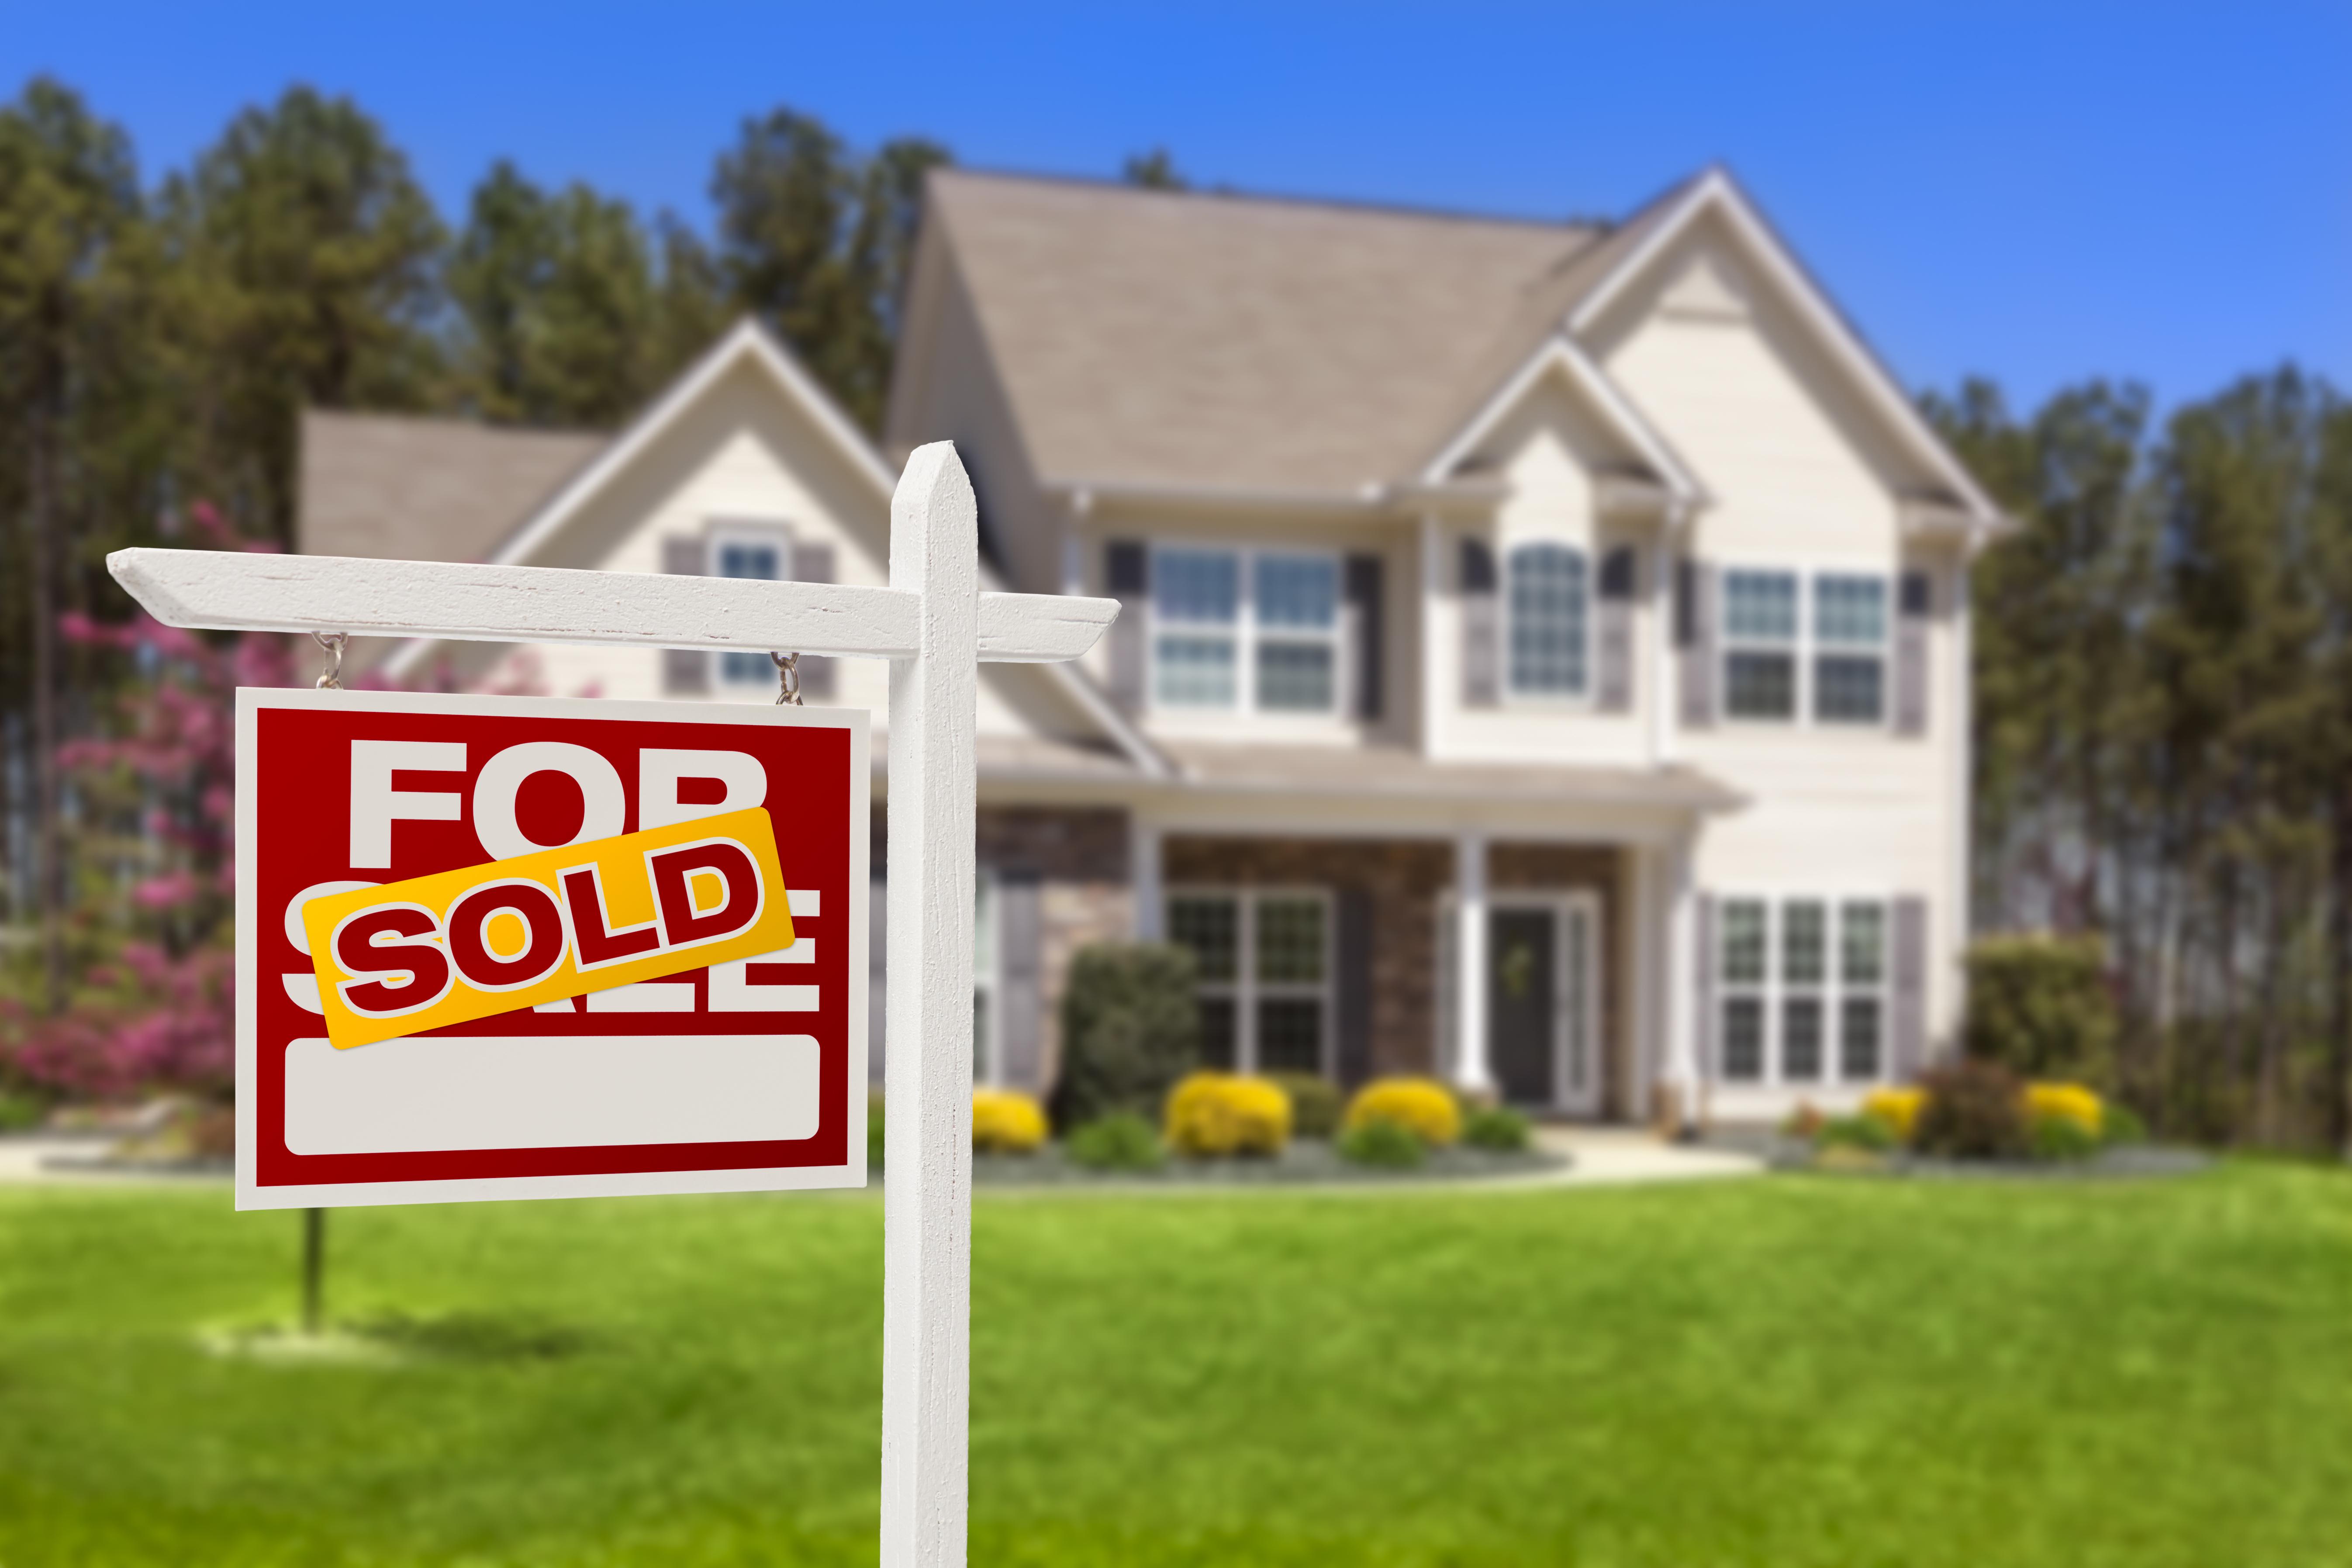 Homes For Sale in South Jordan, Utah